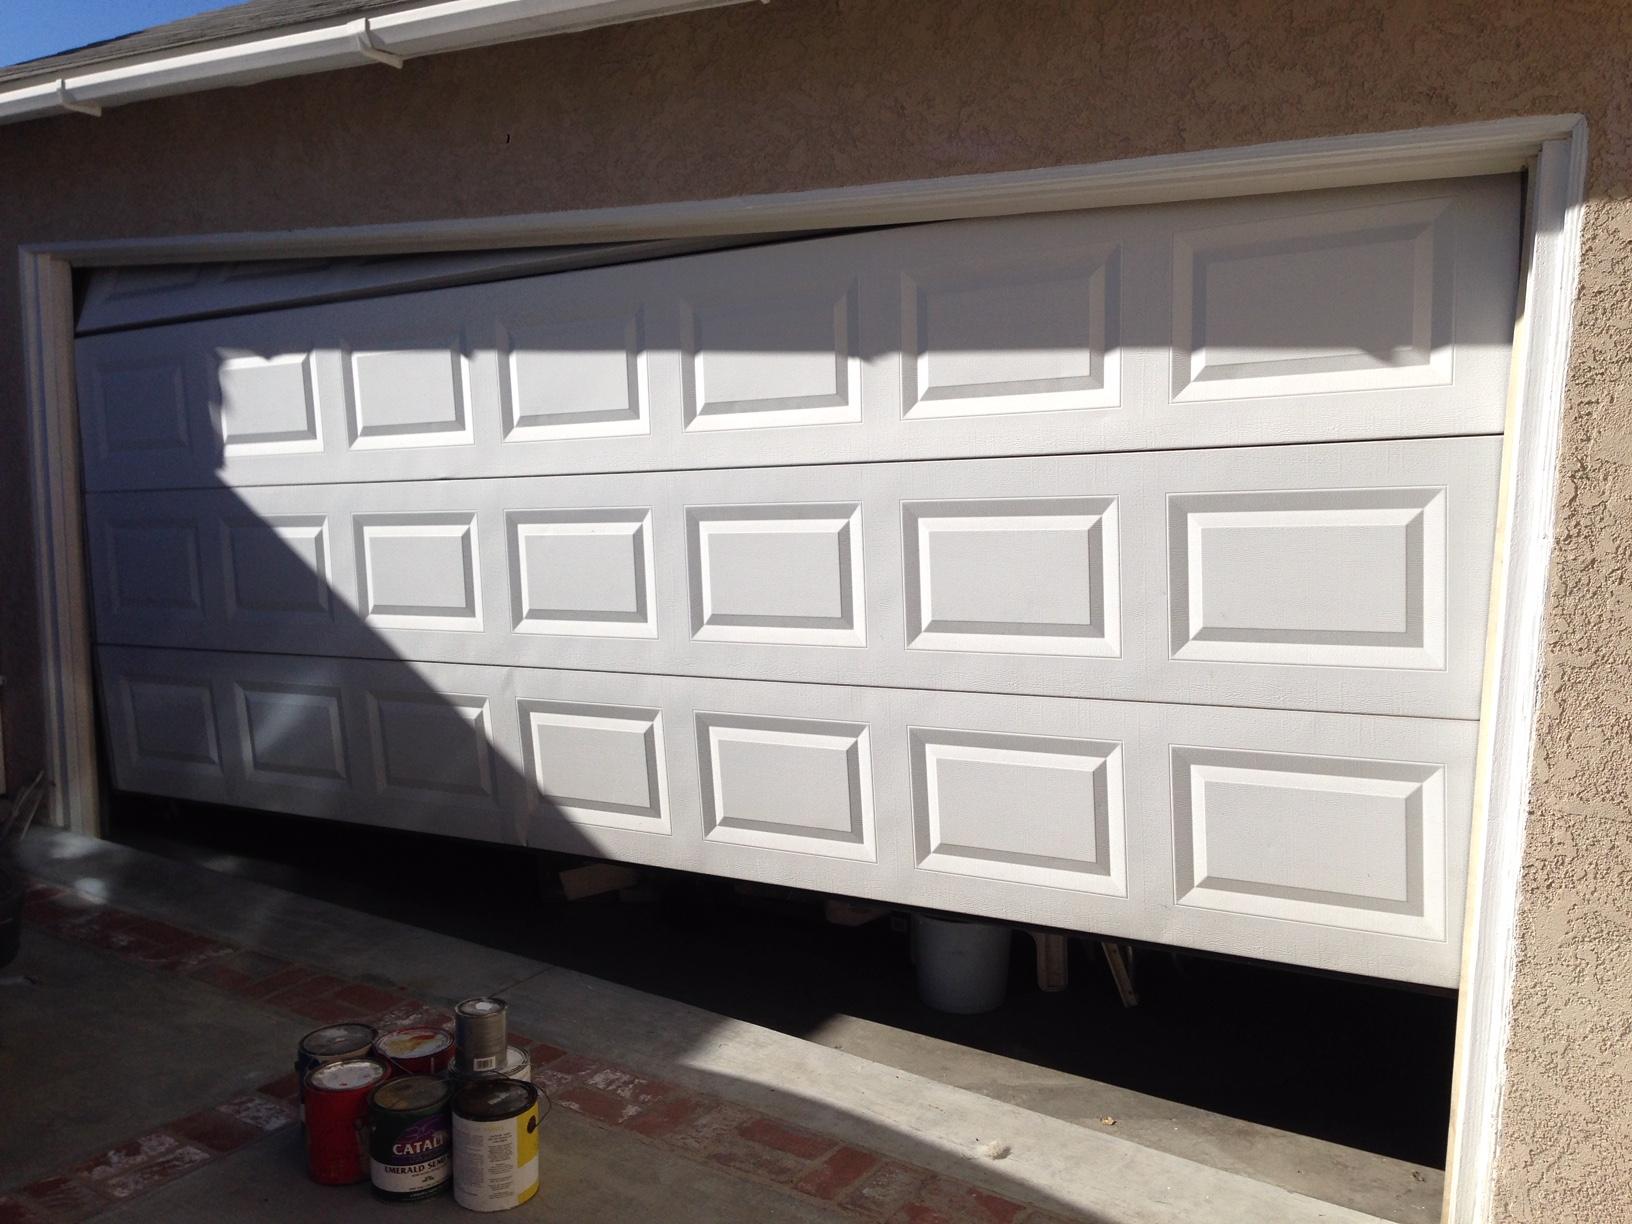 Chamberlain Garage Door in Pasadena